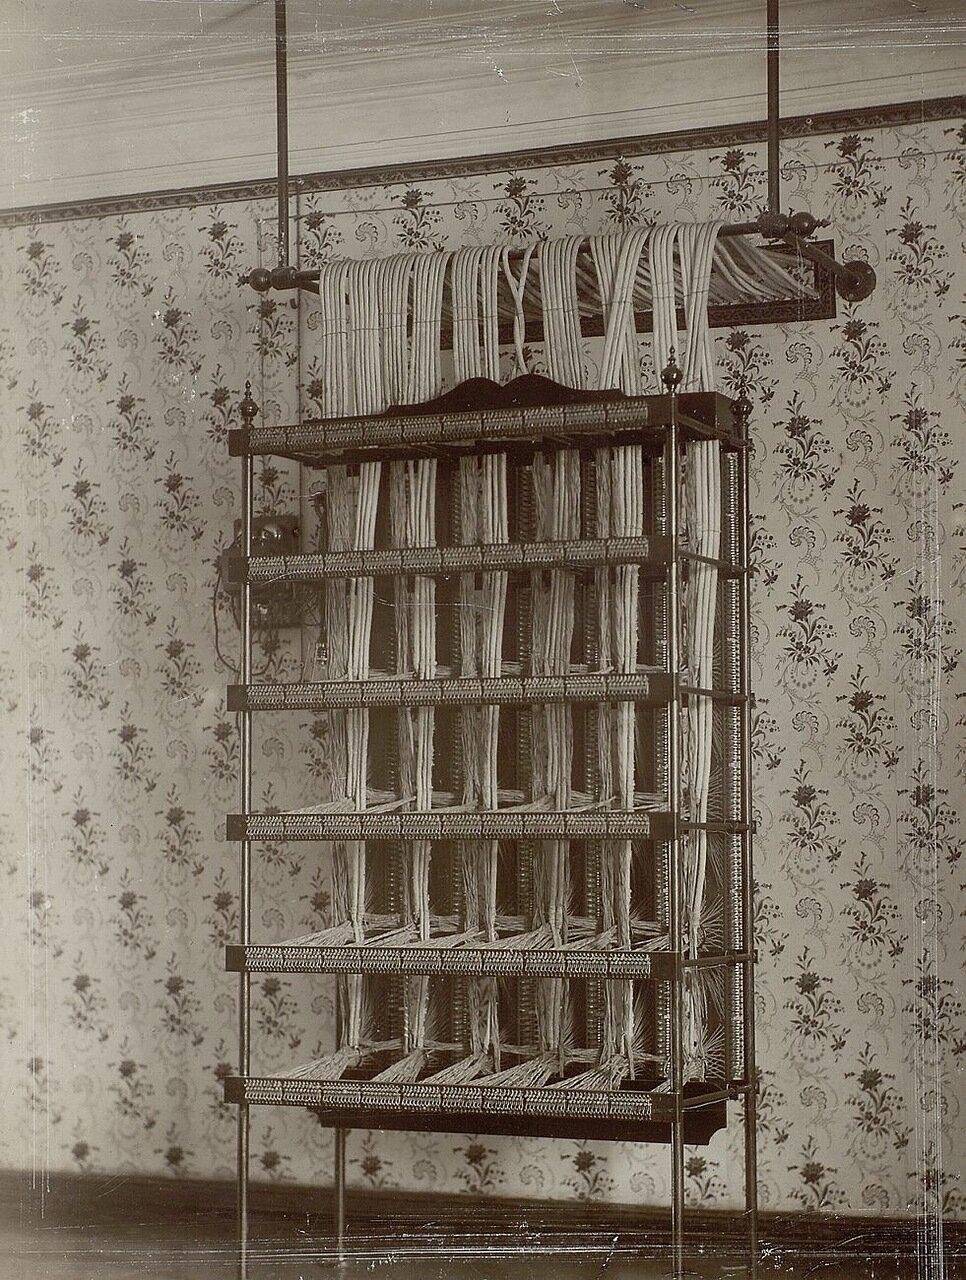 46. Казань, Телефонная станция. 1900